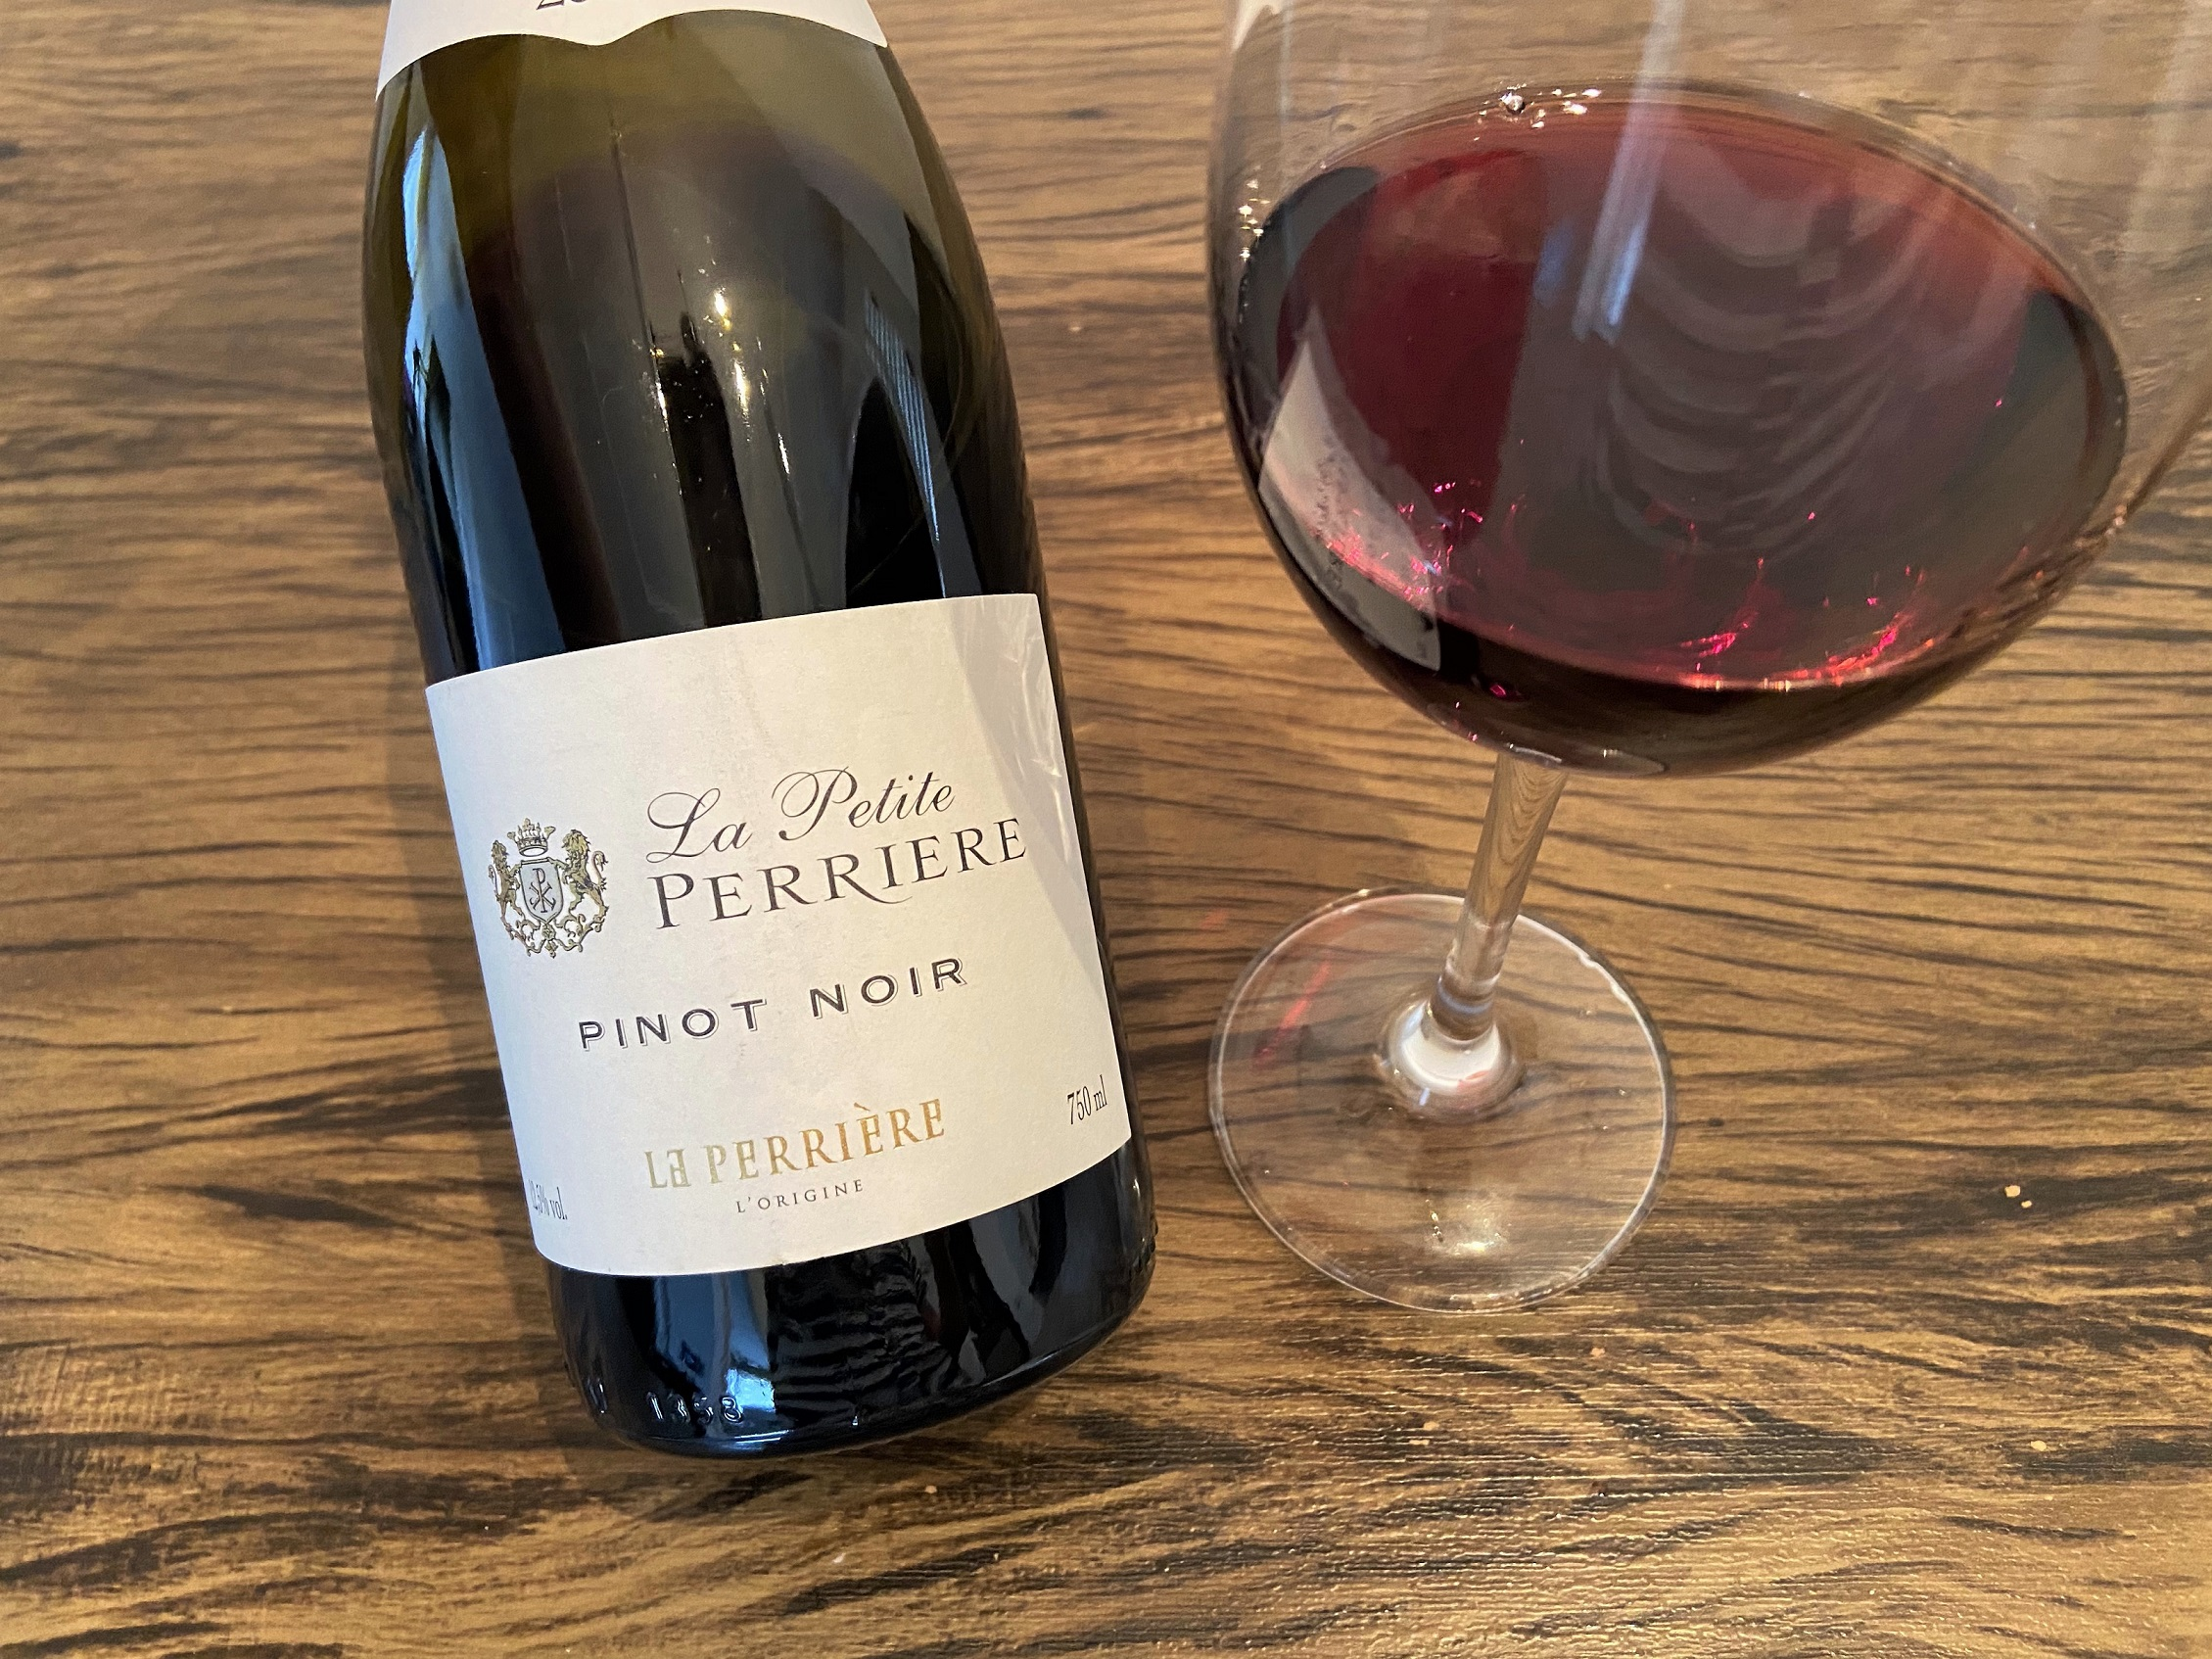 Vinho francês La Petite Perriere Pinot Noir